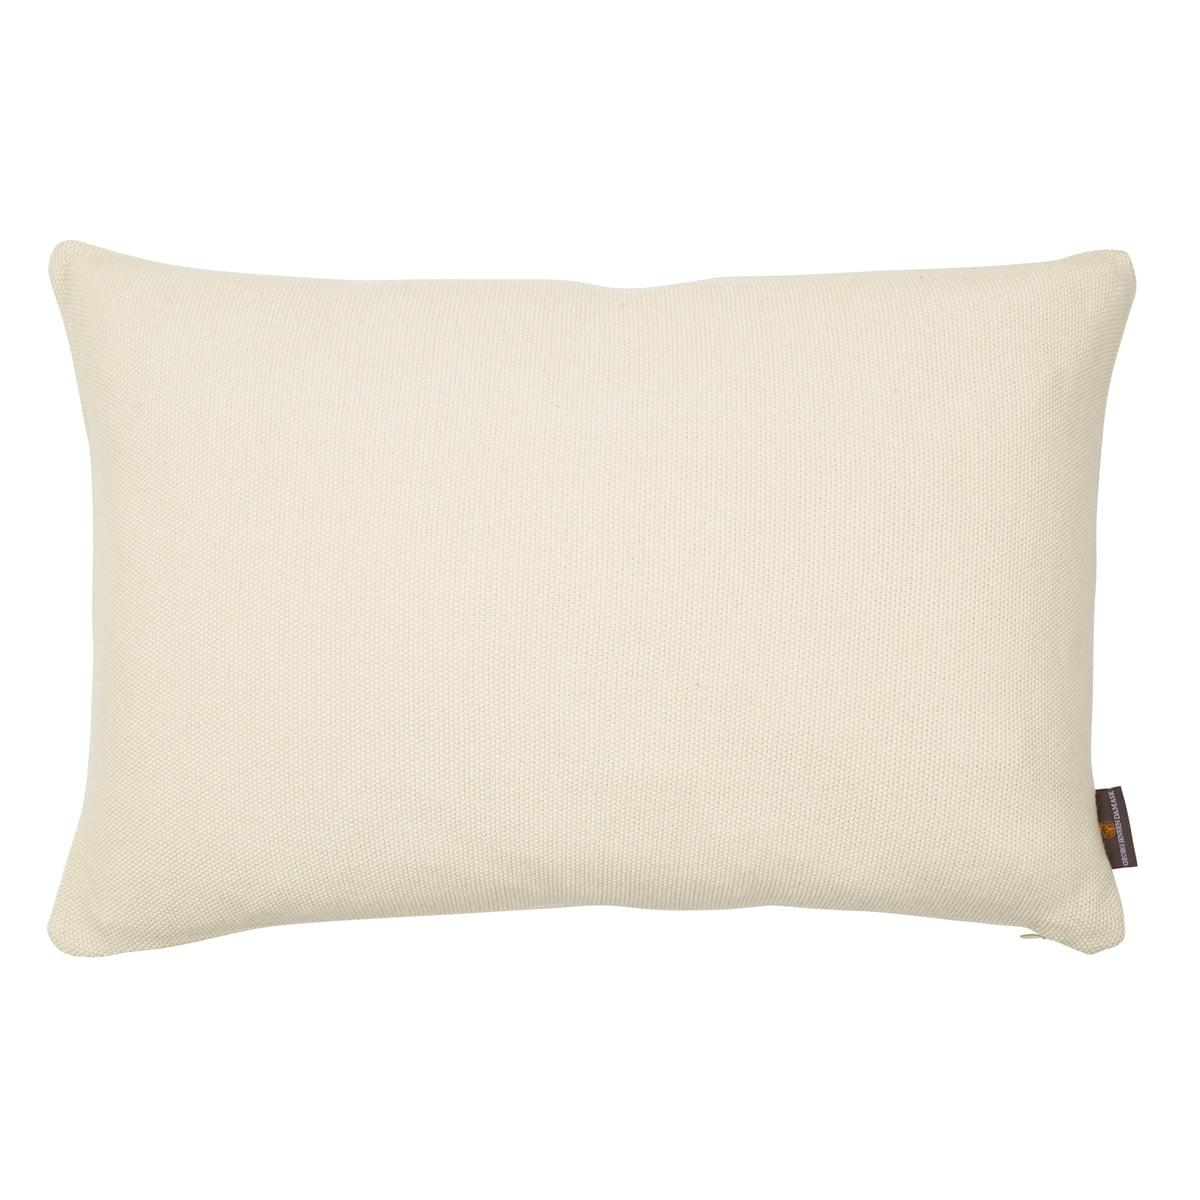 georg jensen damask pearl kissen 40 x 60 cm grauwei grauwei t 40 h 15 b 60 online kaufen. Black Bedroom Furniture Sets. Home Design Ideas